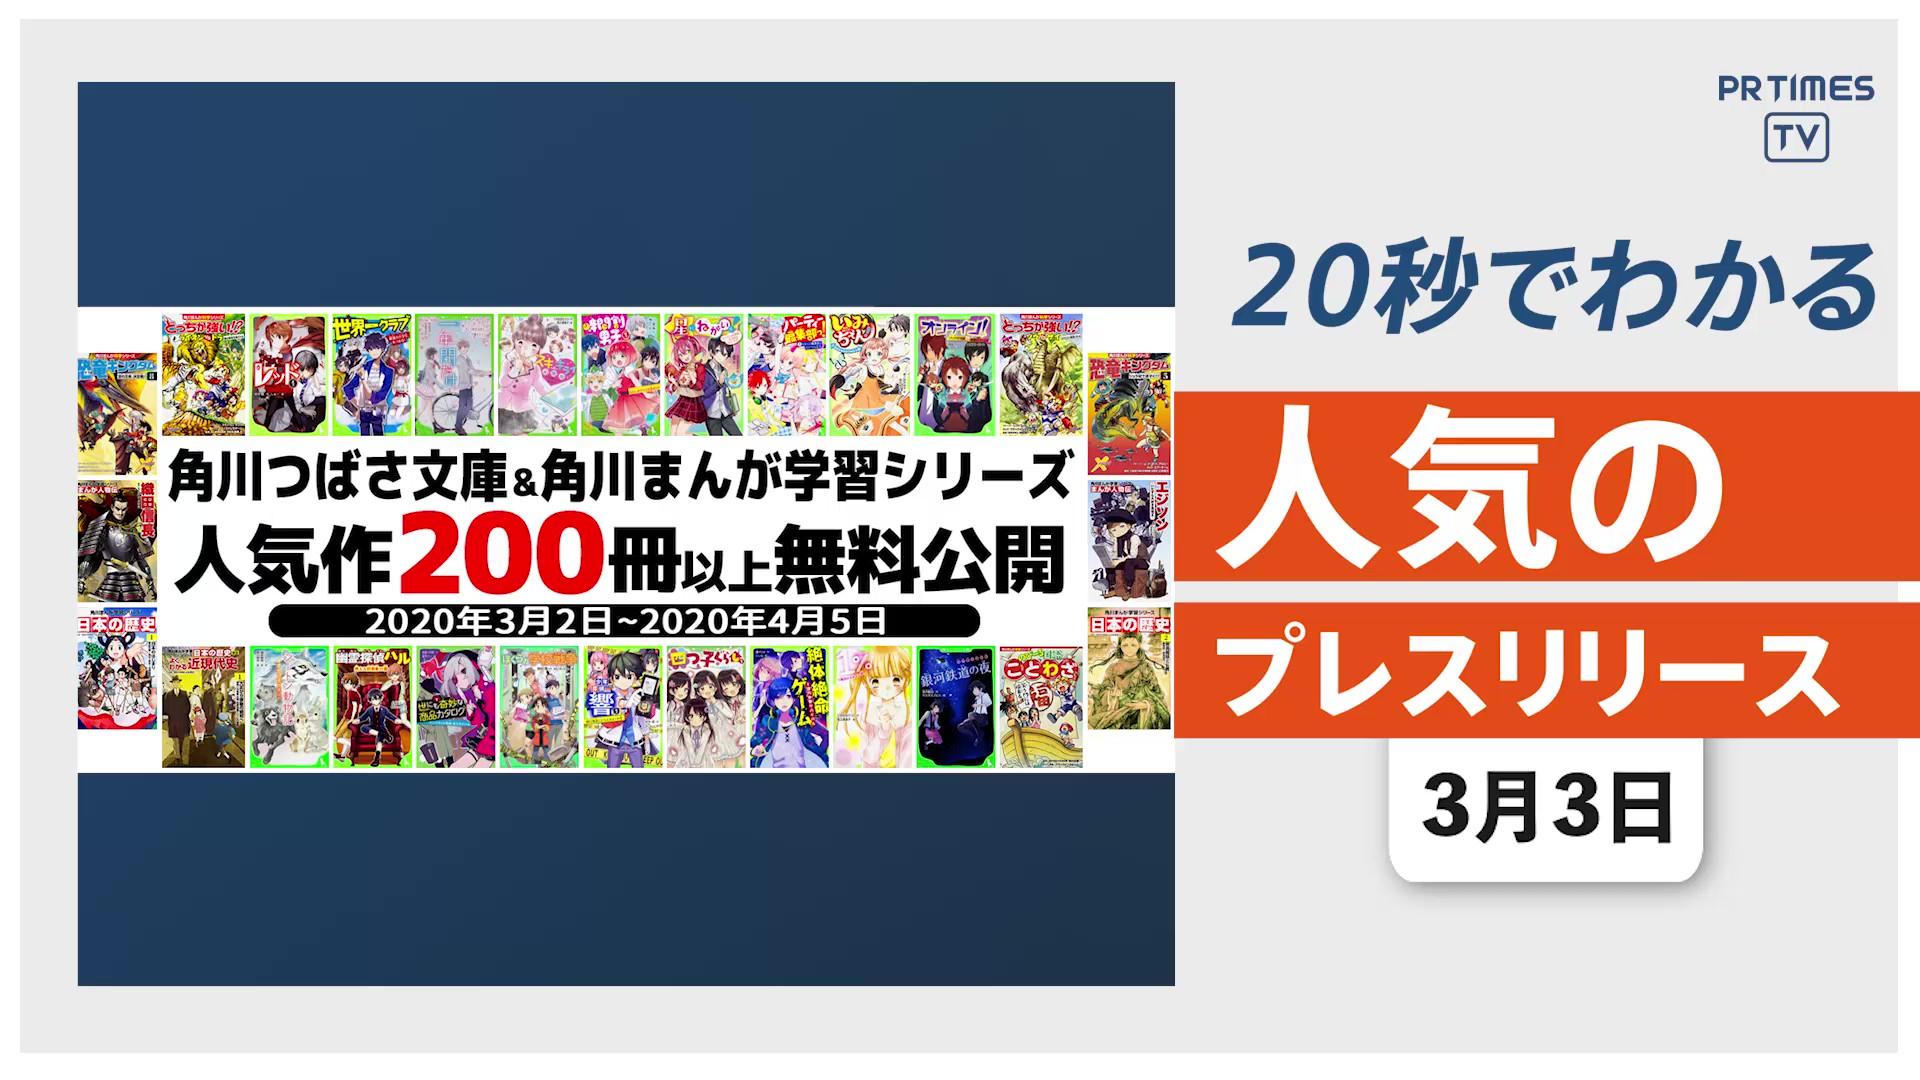 【「ヨメルバ」にて 200タイトル以上の児童書を 無料で公開】他、新着トレンド3月3日